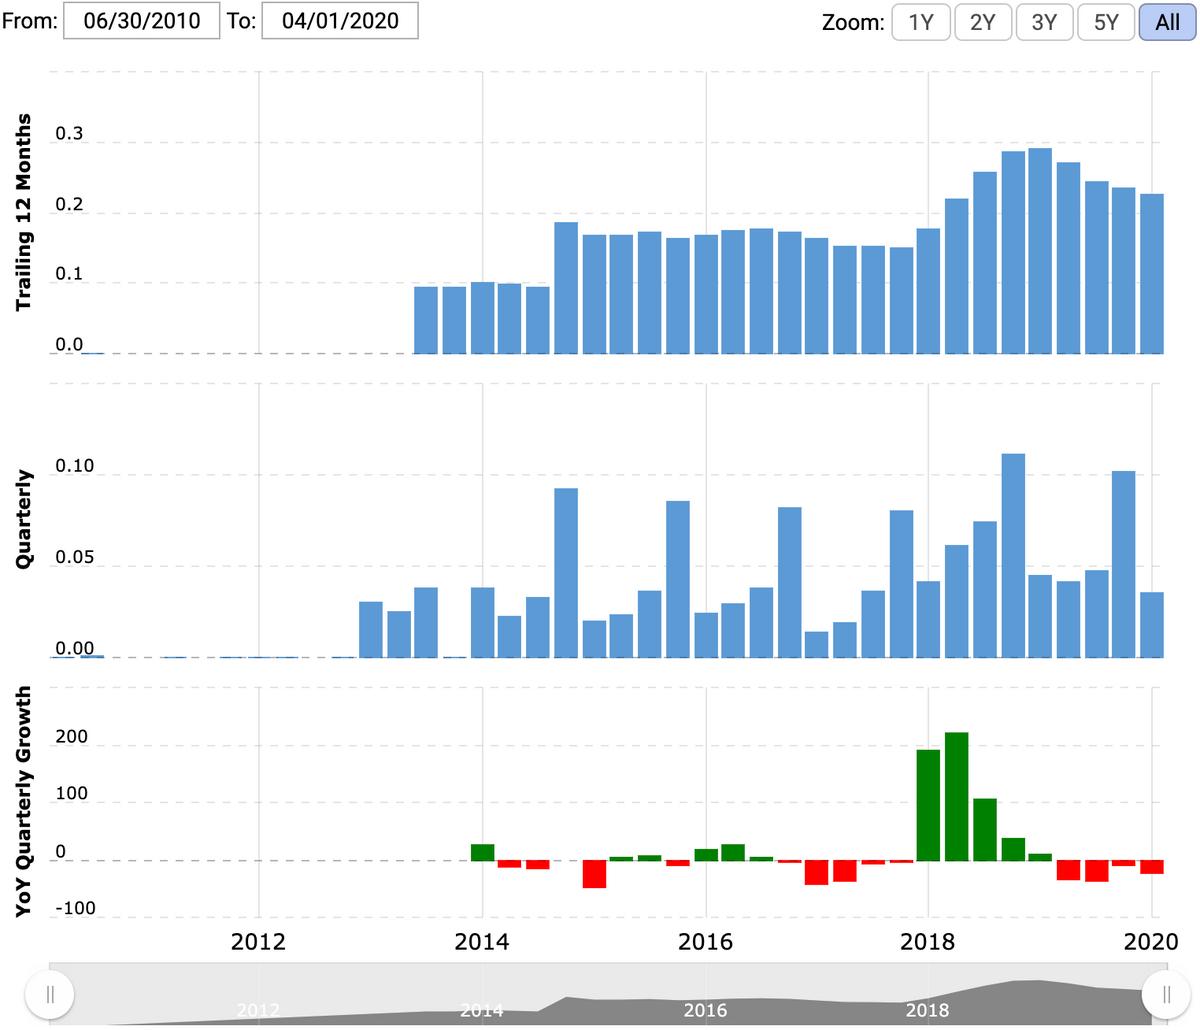 Выручка компании в течение последних 12 месяцев и поквартально в миллиардах долларов, квартальный рост в процентах по сравнению с аналогичным кварталом прошлого года. Источник: Macrotrends